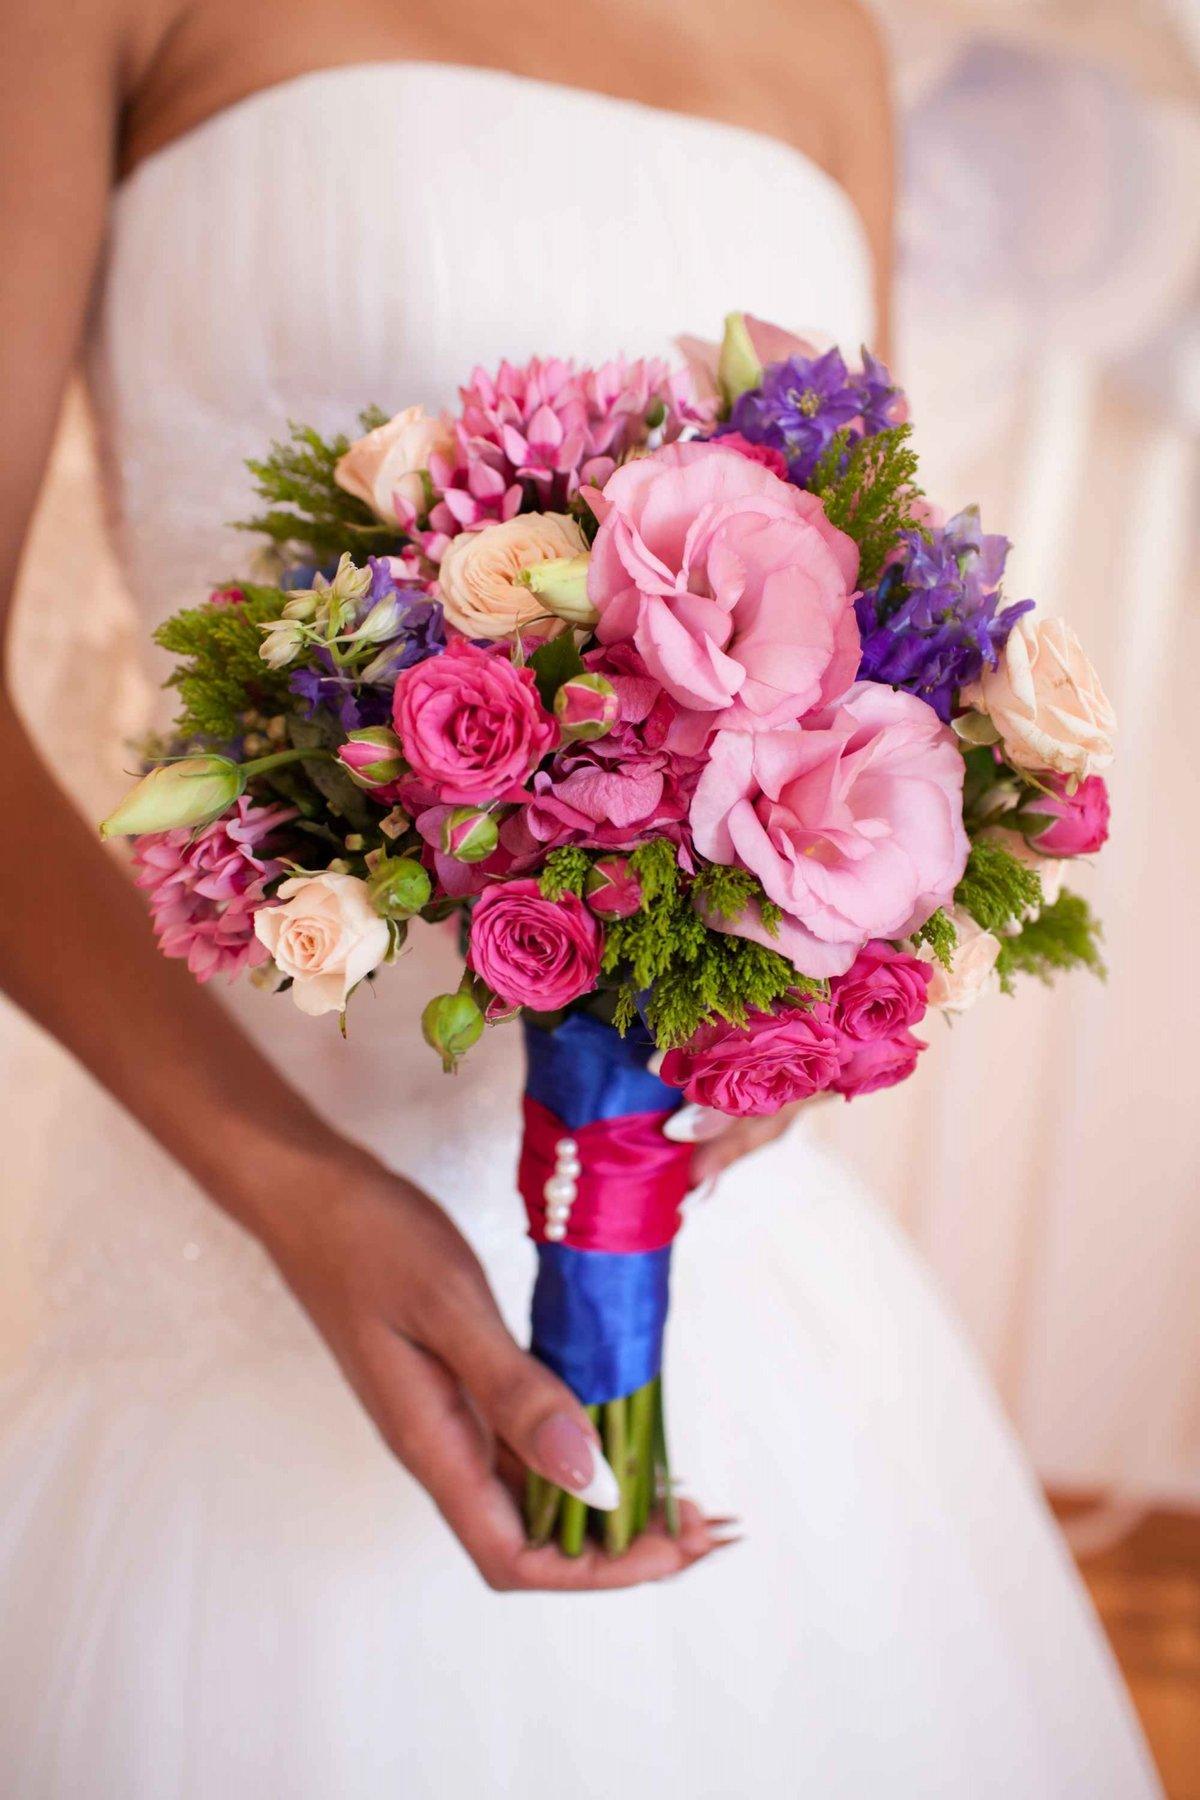 Свадебные букеты цены киев, гвоздику февраля